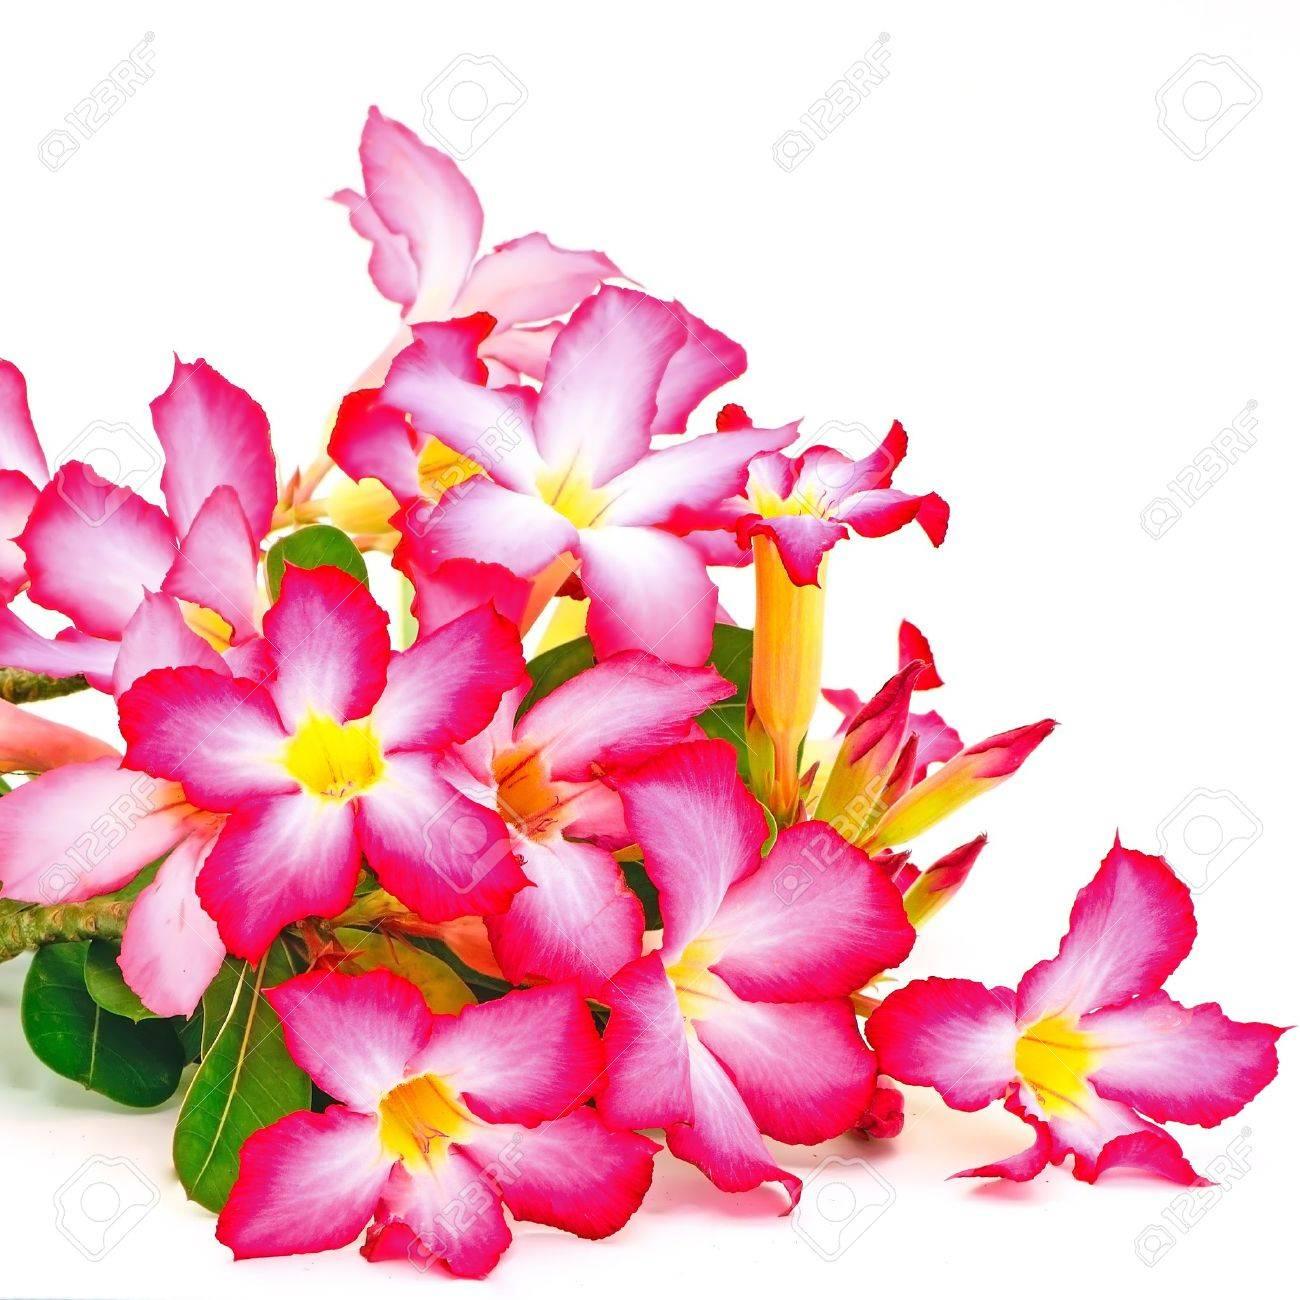 Fleur D Ete De L Impala Lily Une Belle Fleur Rouge Isole Sur Un